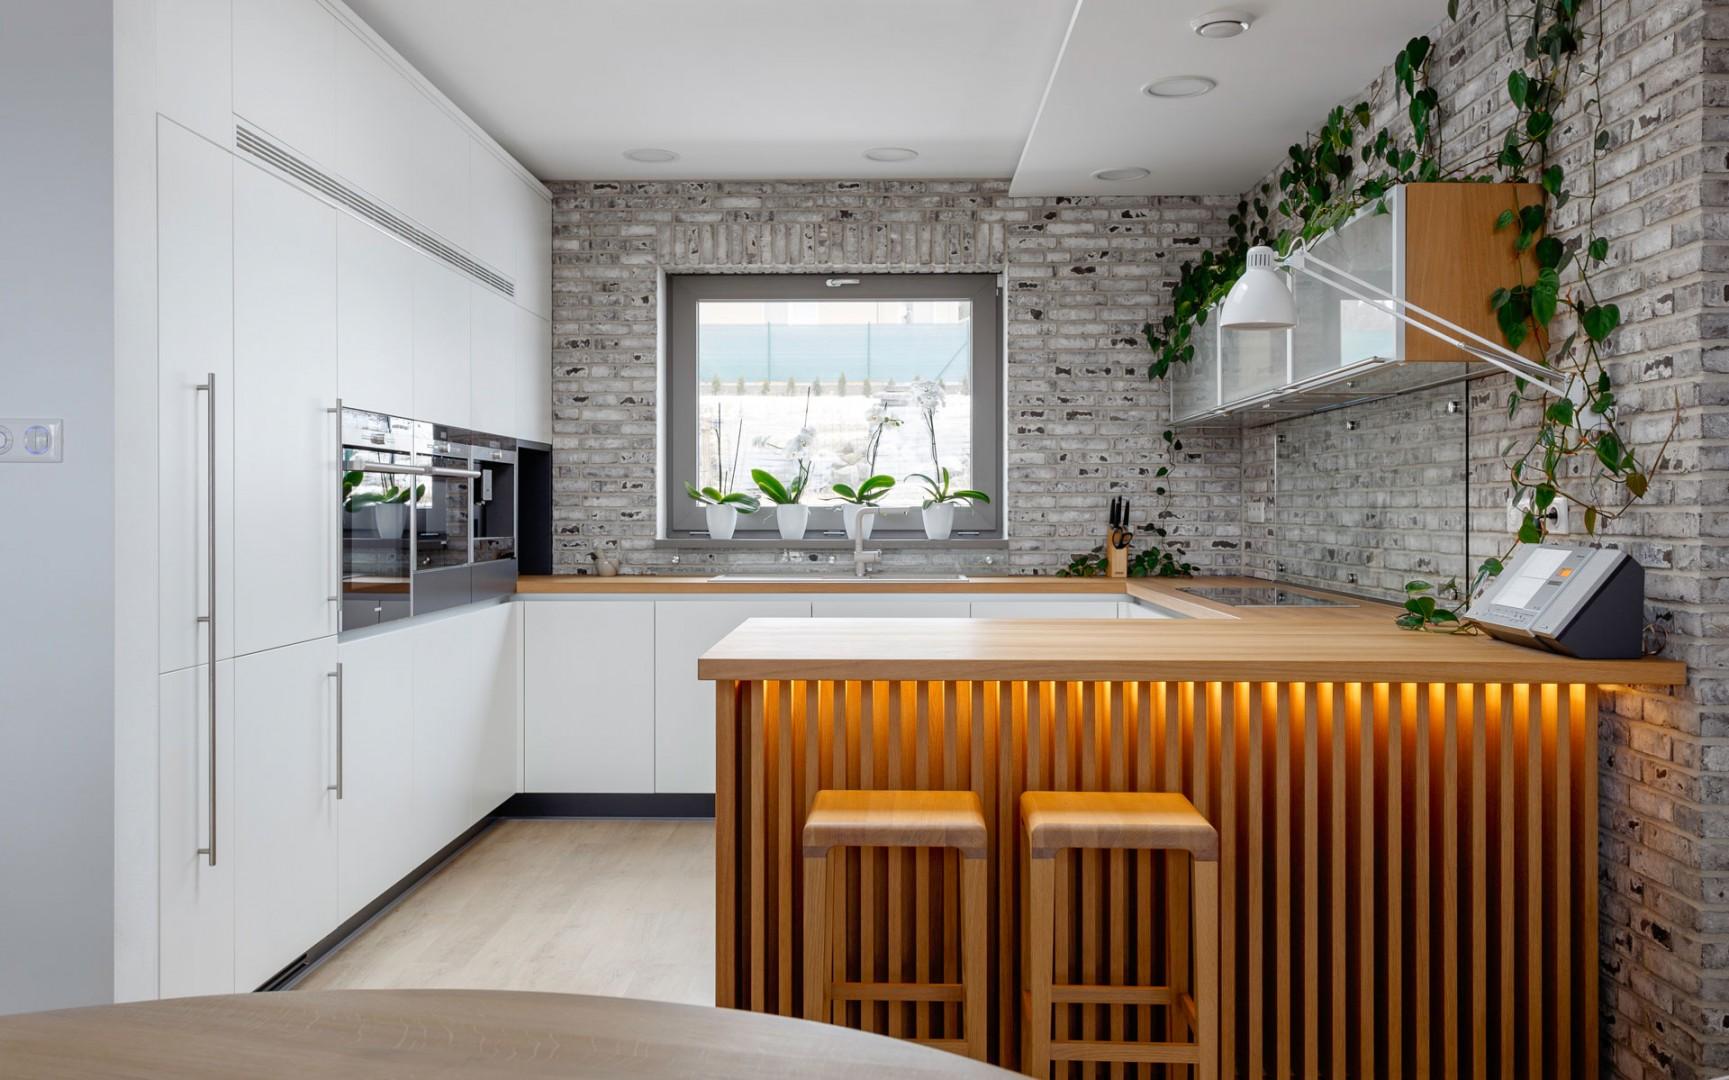 kuchyne na mieru, kuchynské linky na mieru, nábytok na mieru, masívny drevený nábytok, dýhovaný nábytok, kuchyne cubica, nábytok na mieru cubica, kuchyne Zvolen, cubica interiérové štúdio Zvolen